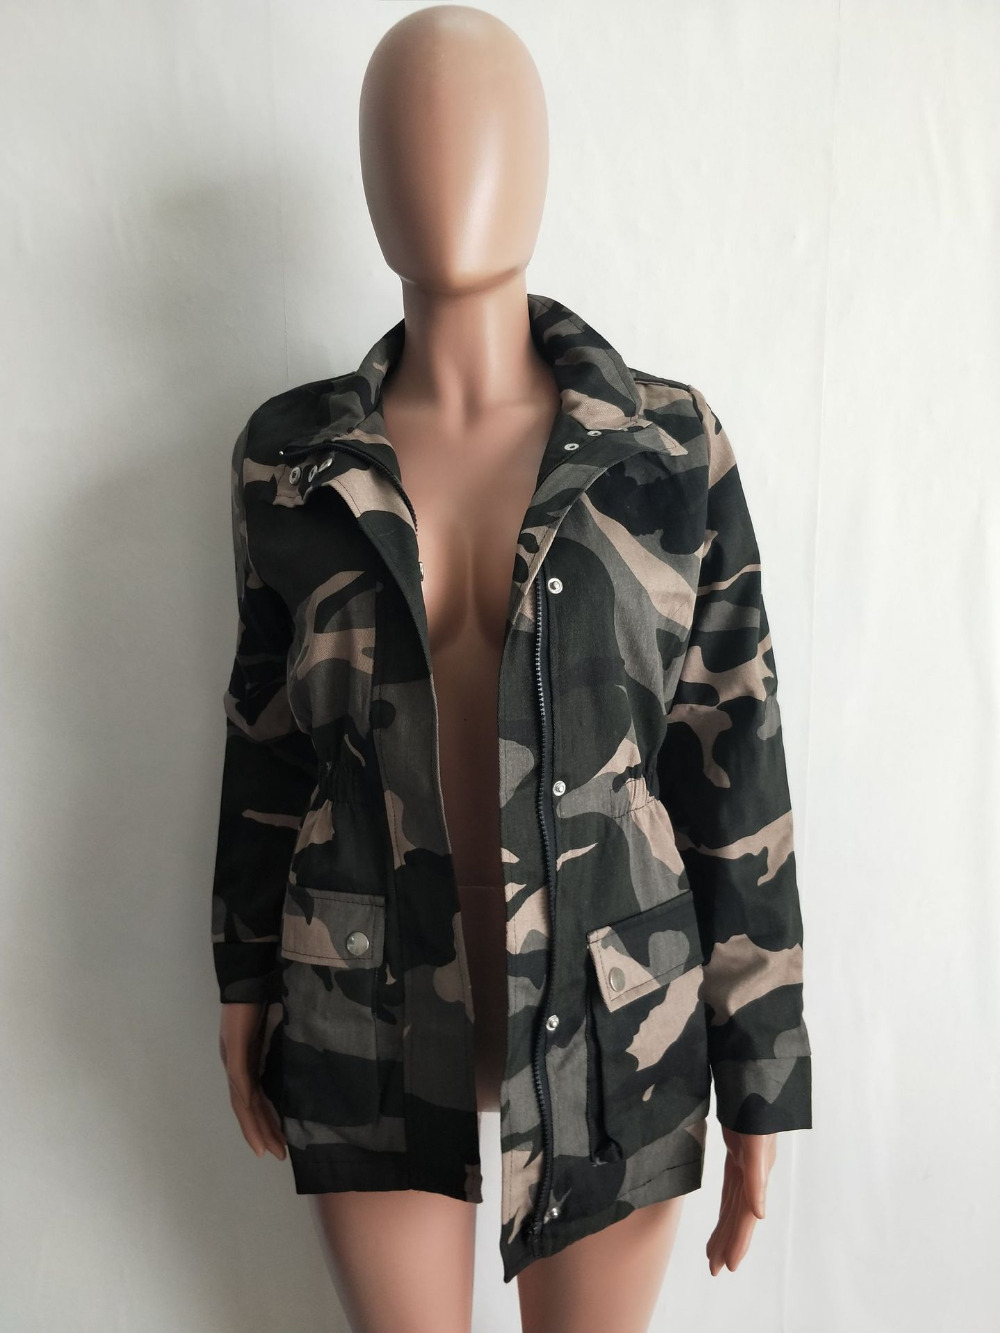 Femelle Veste Manteau Army Militaire Poche Camouflage De 2019 Streetwear Élégant Mode Femmes Automne Conception Green À Fermeture Éclair wRfBRpxAq0